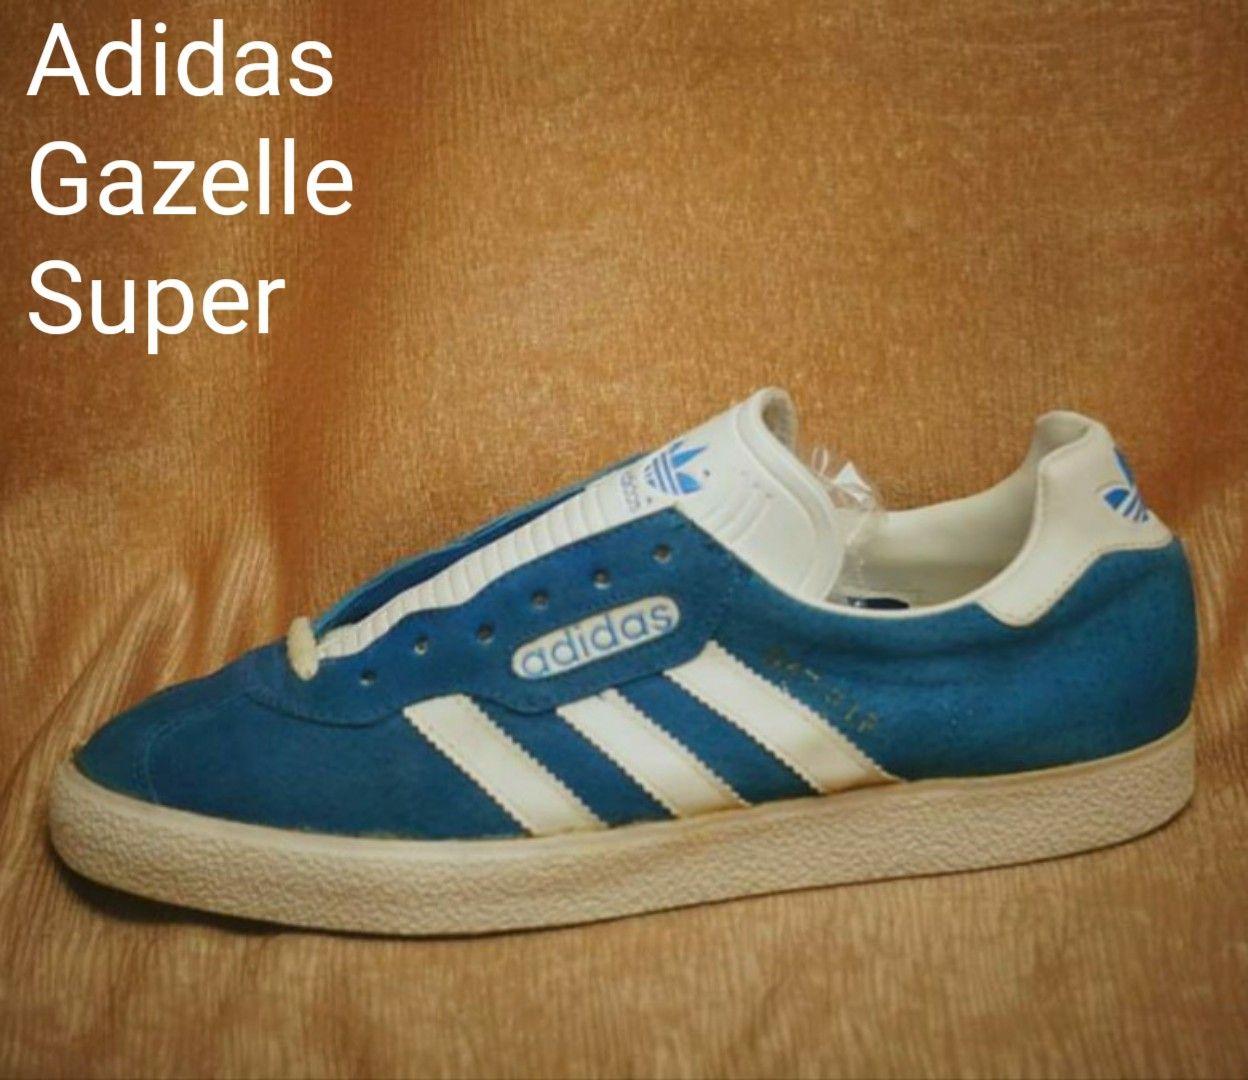 wykwintny design sklep z wyprzedażami szczegółowe obrazy Vintage Adidas Gazelle Super, made in Yugoslavia in 1987, a ...